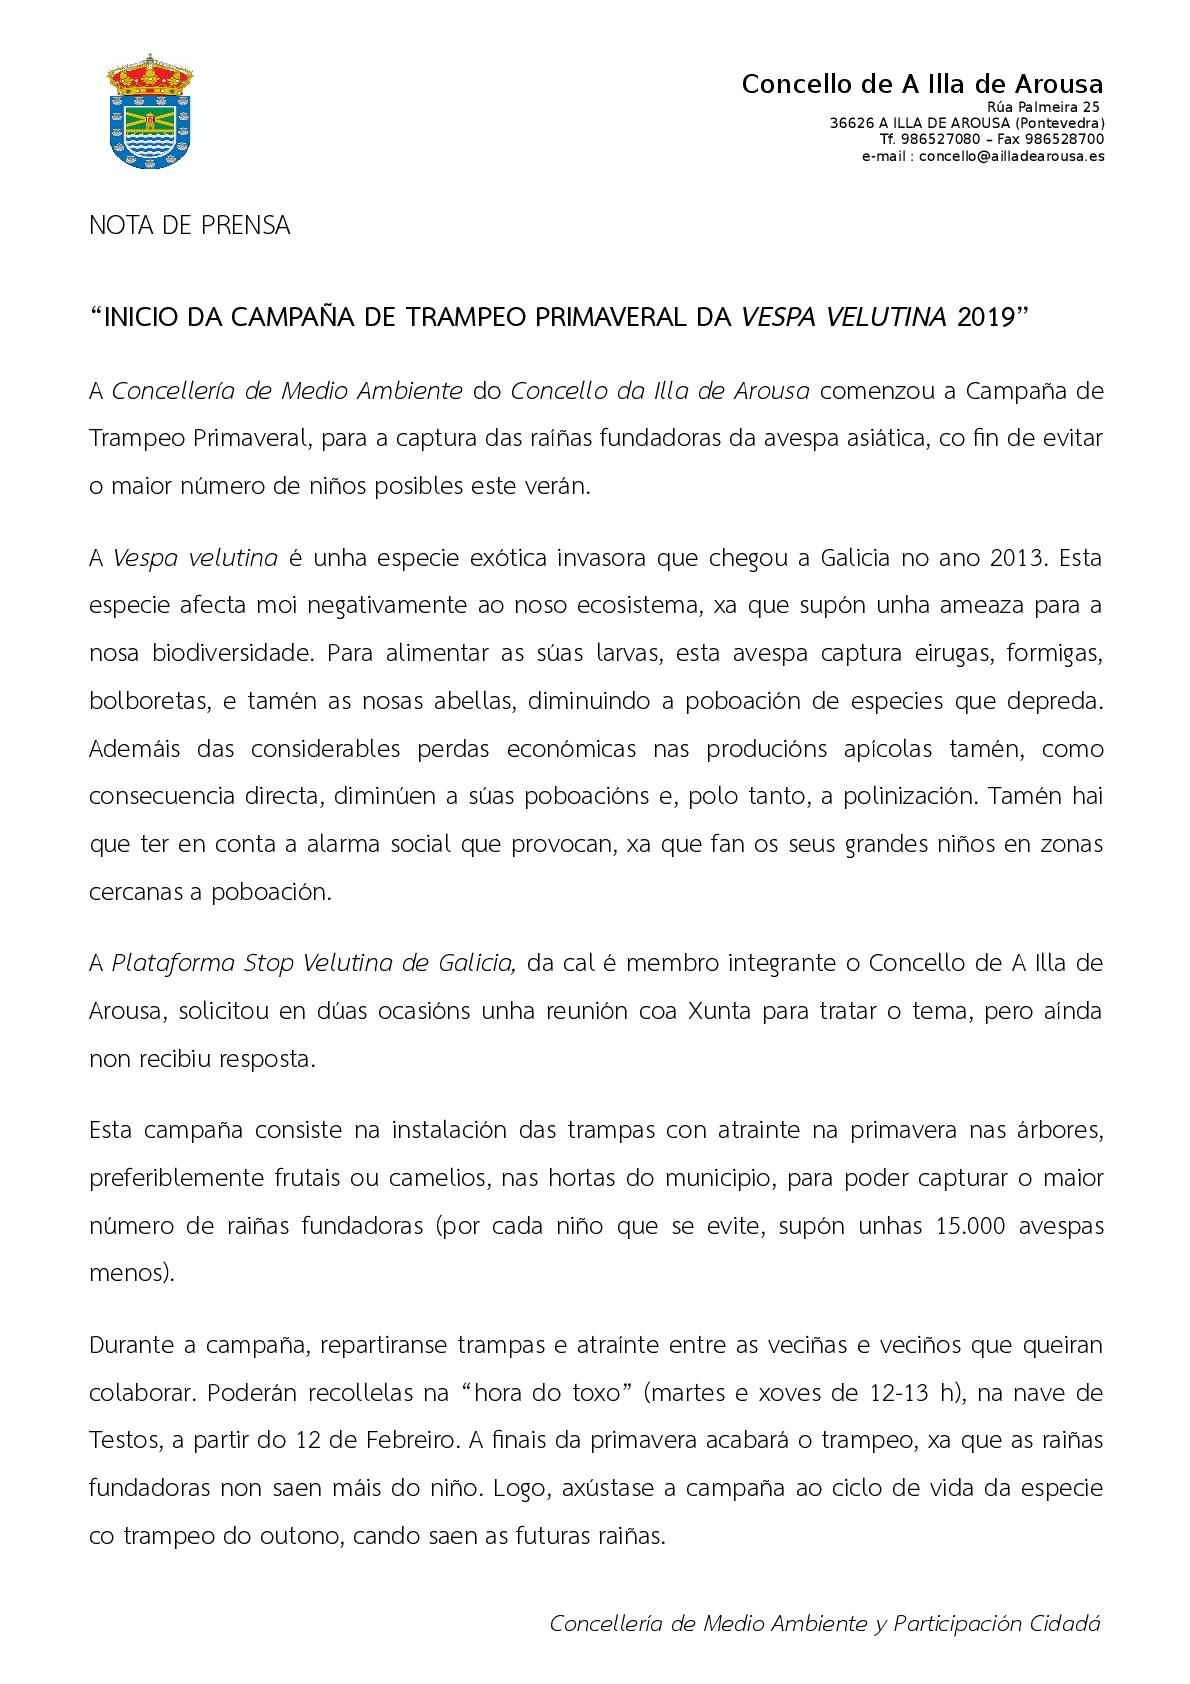 INICIO DA CAMPAÑA DE TRAMPEO PRIMAVERAL DA VESPA VELUTINA 2019